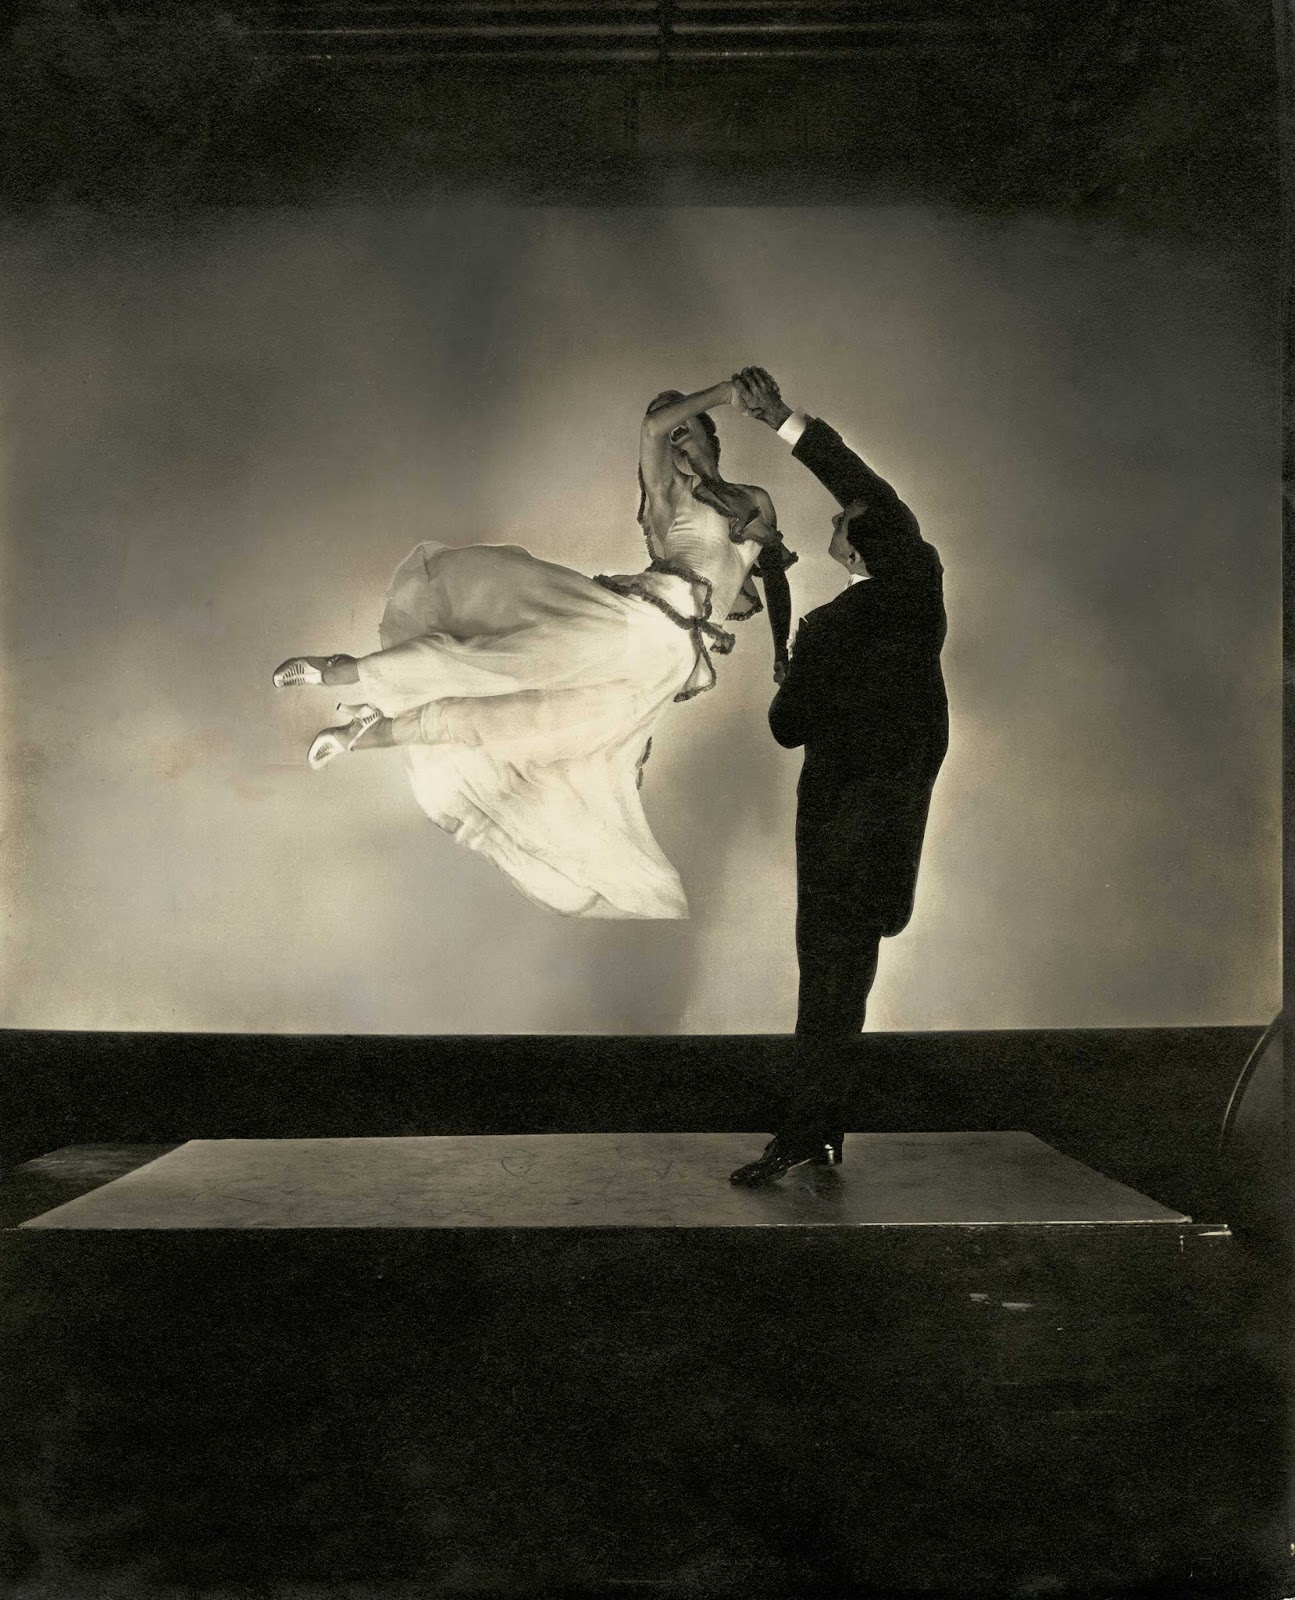 Edward Steichen. Fotografía | Photography. Antonio & Renée de Marco